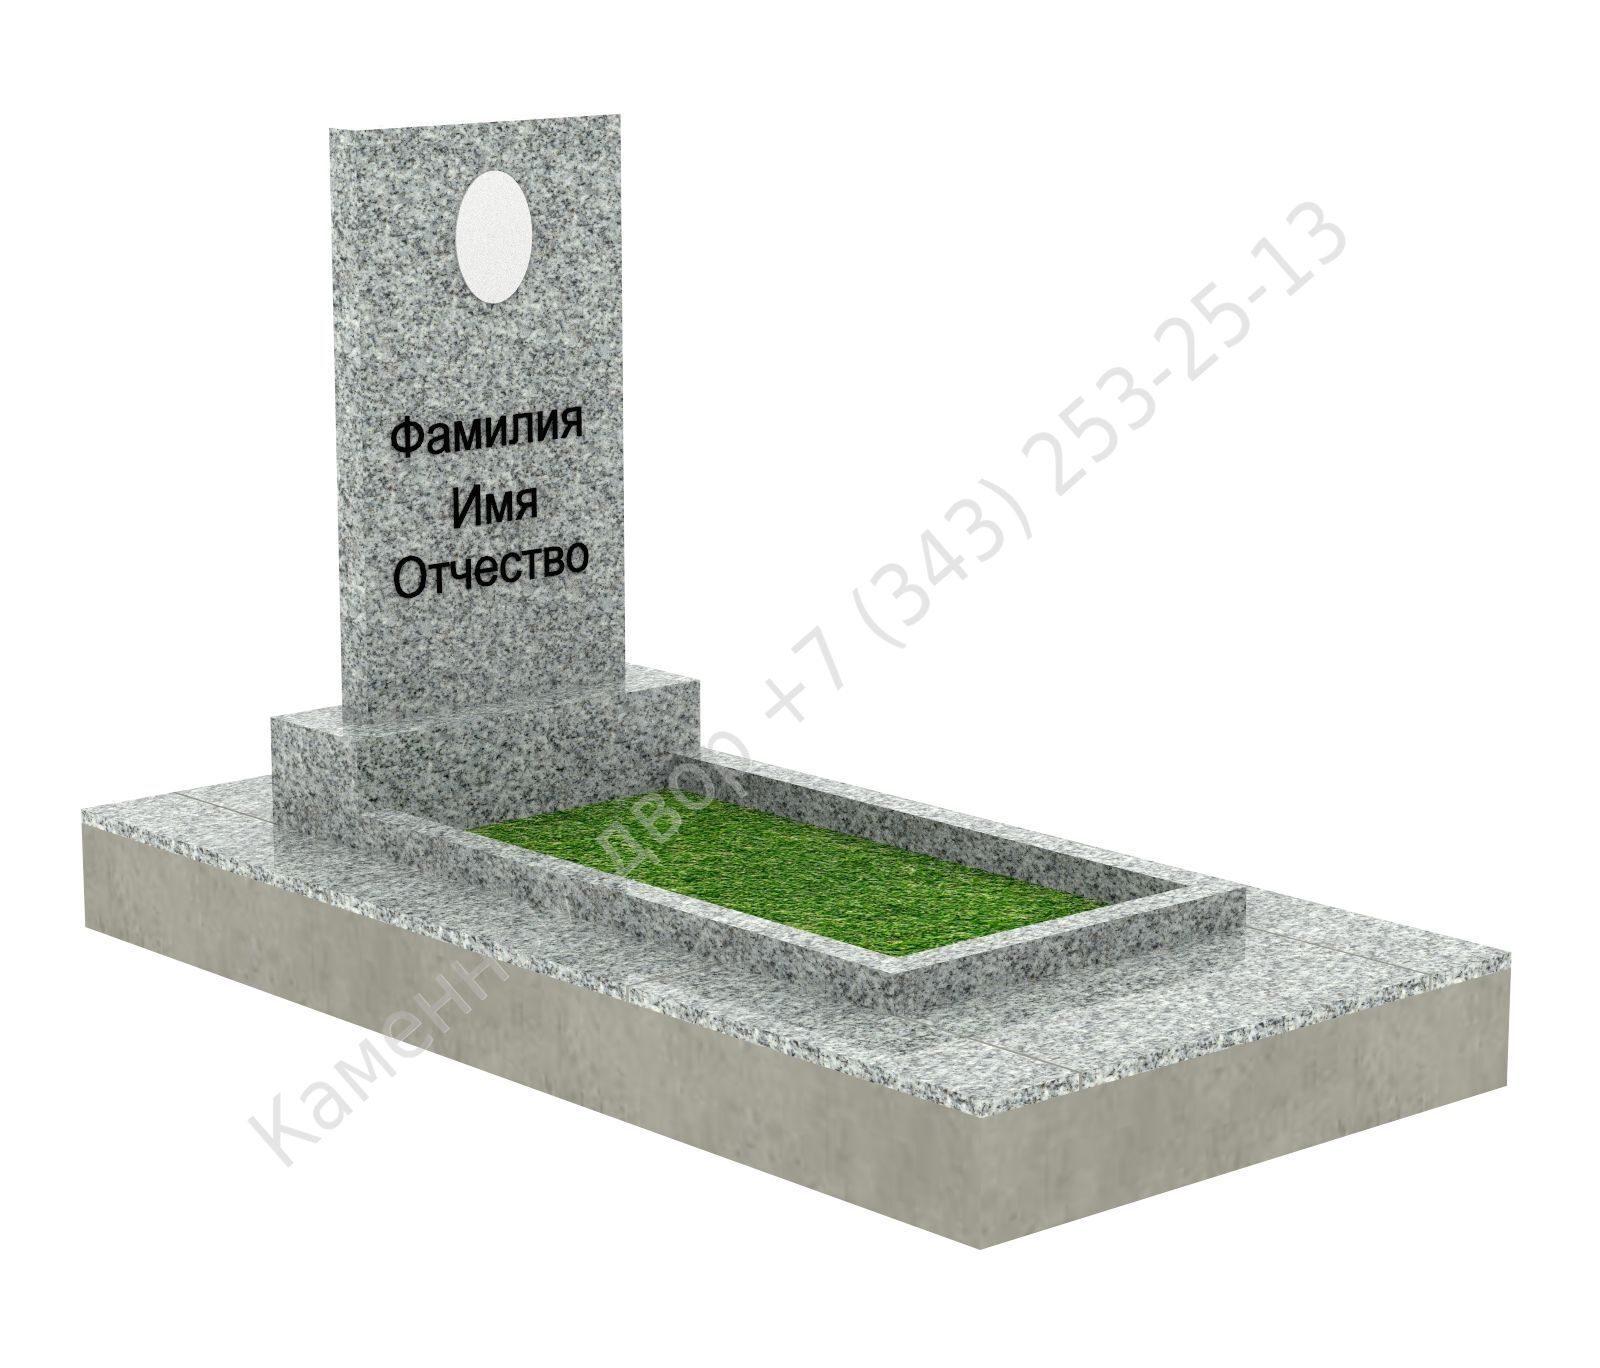 Купить памятники в екатеринбурге заготовки цена заказать памятник на перепечинском кладбище